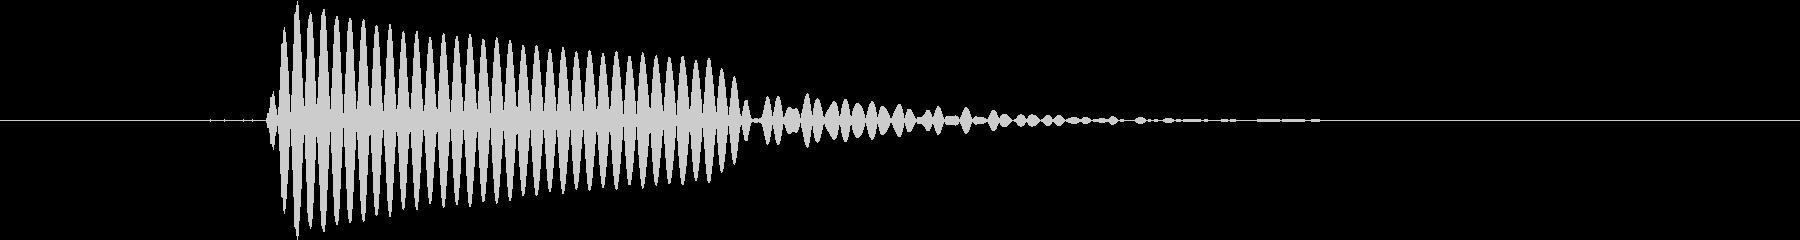 ポ(筒をたたいた音)の未再生の波形